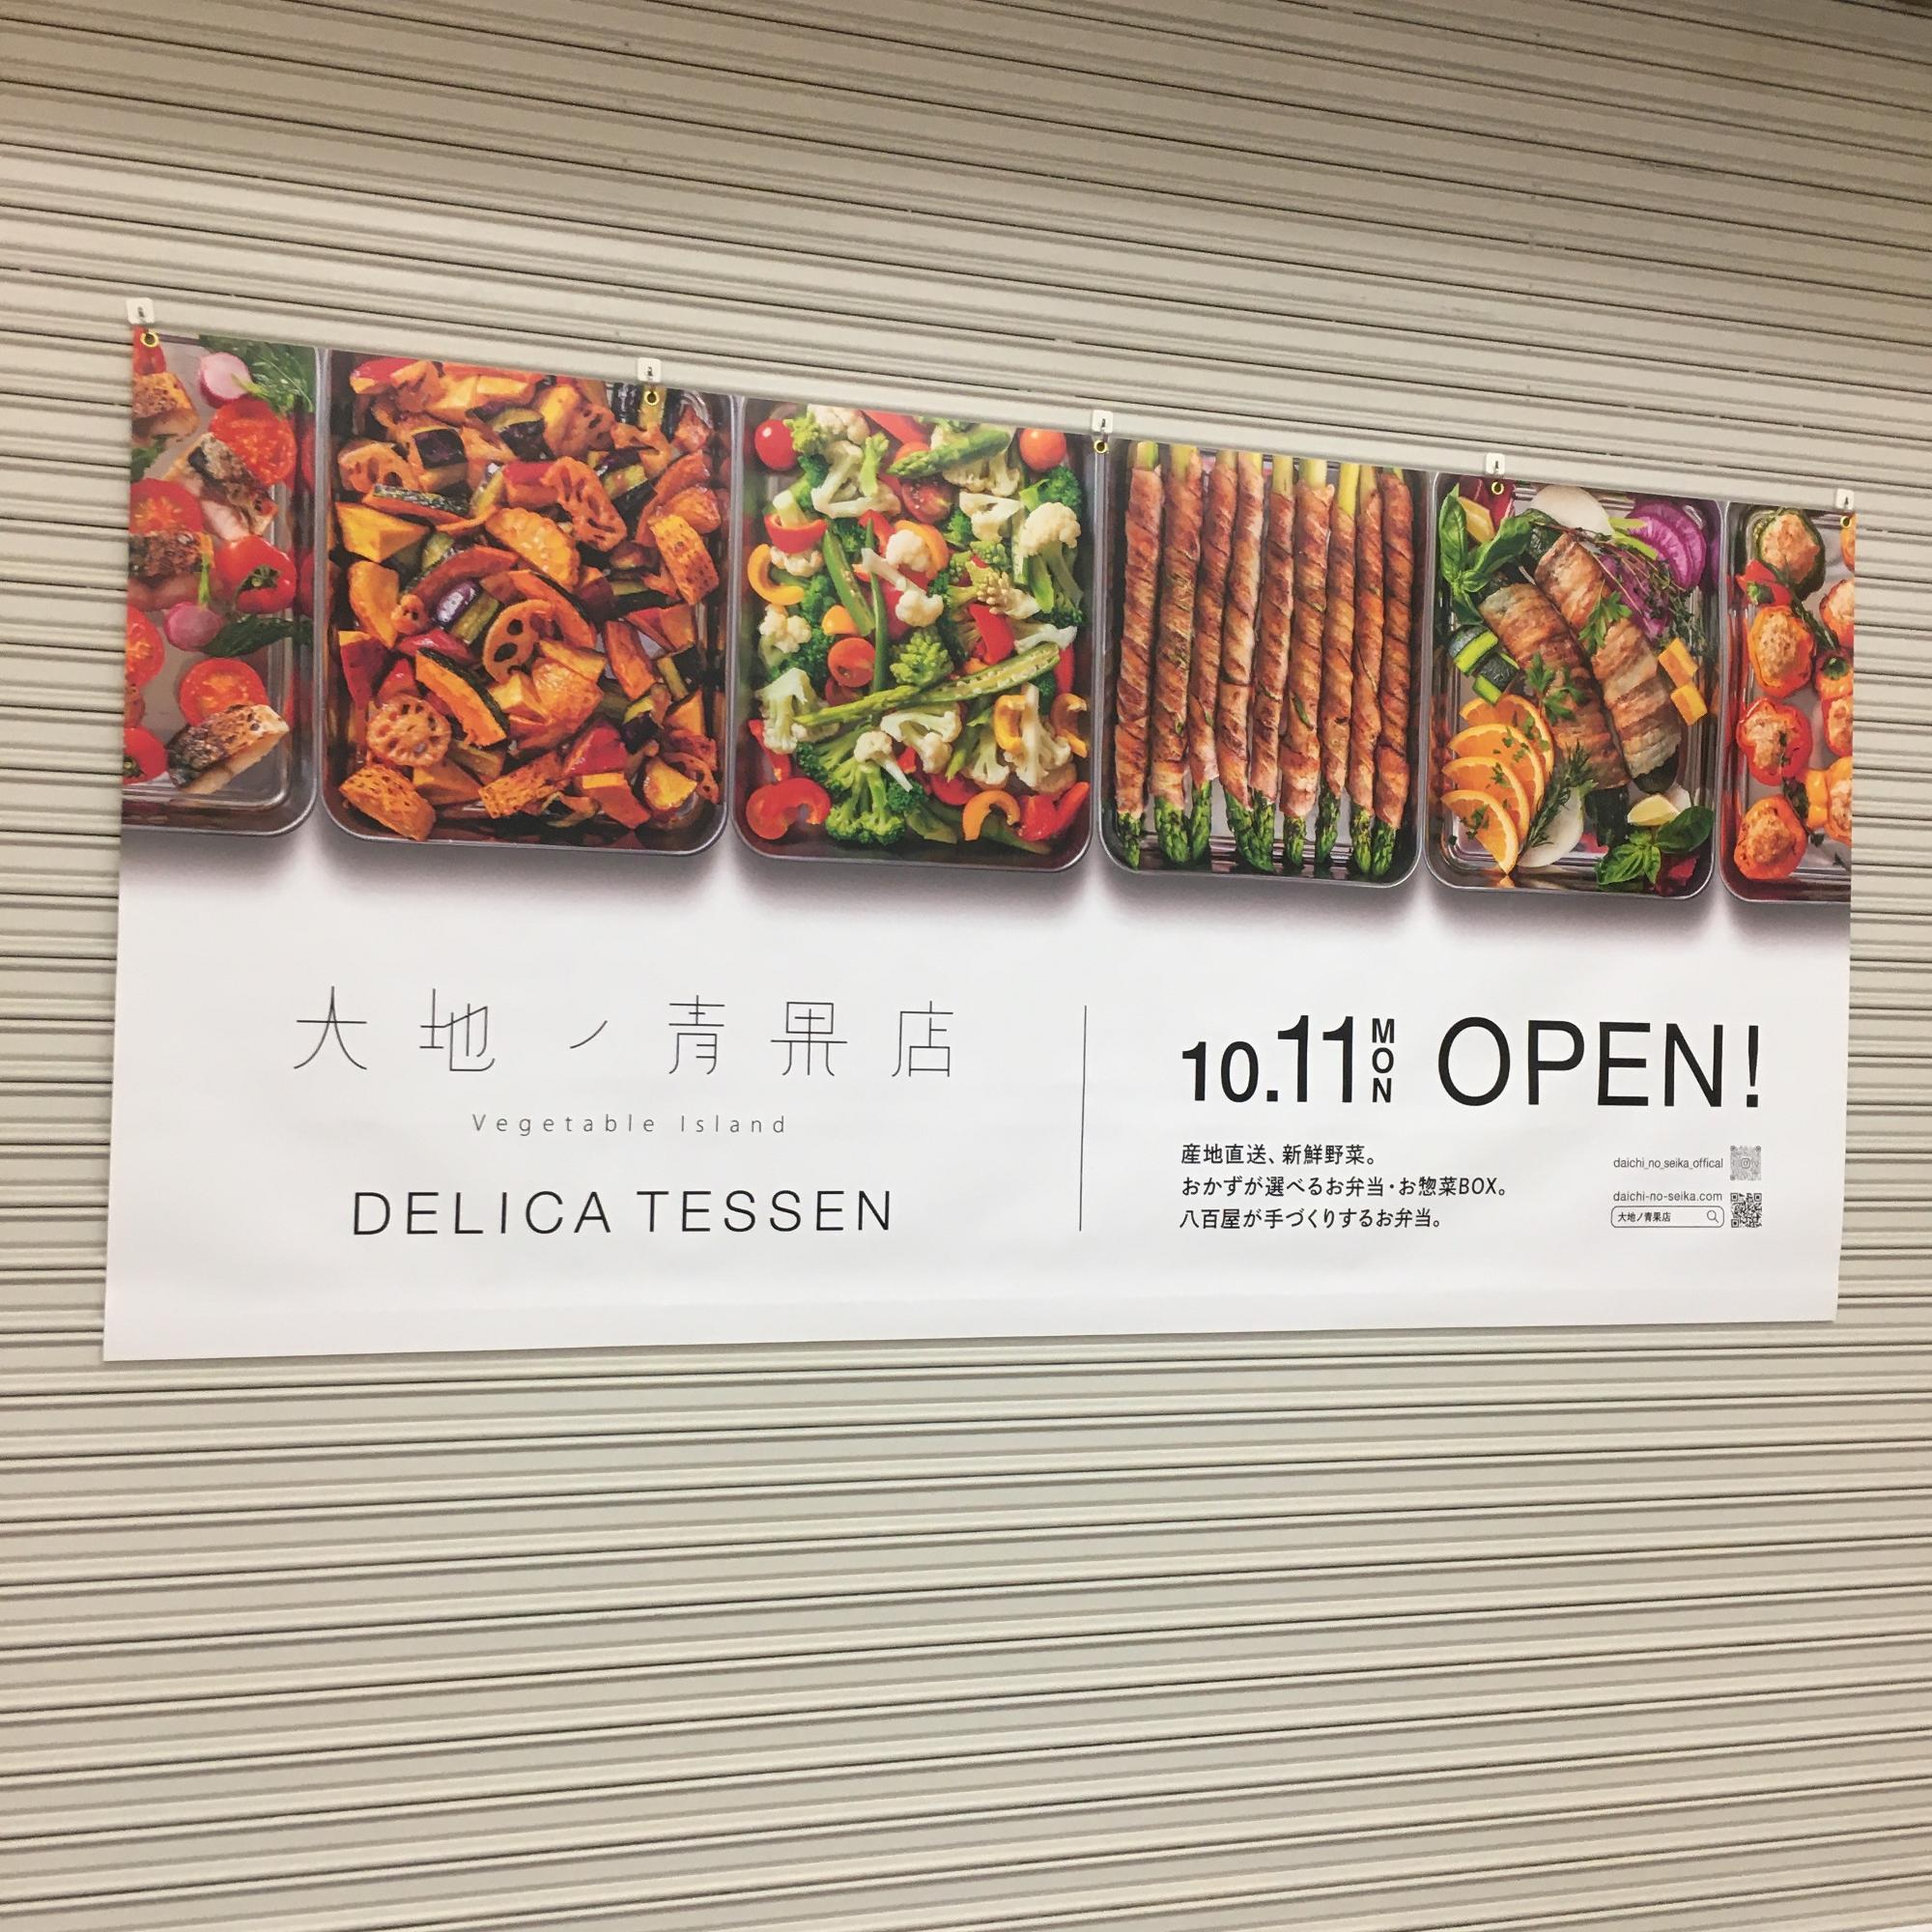 楽しみな「大地ノ青果店 DELICA TESSEN ポールタウン店」